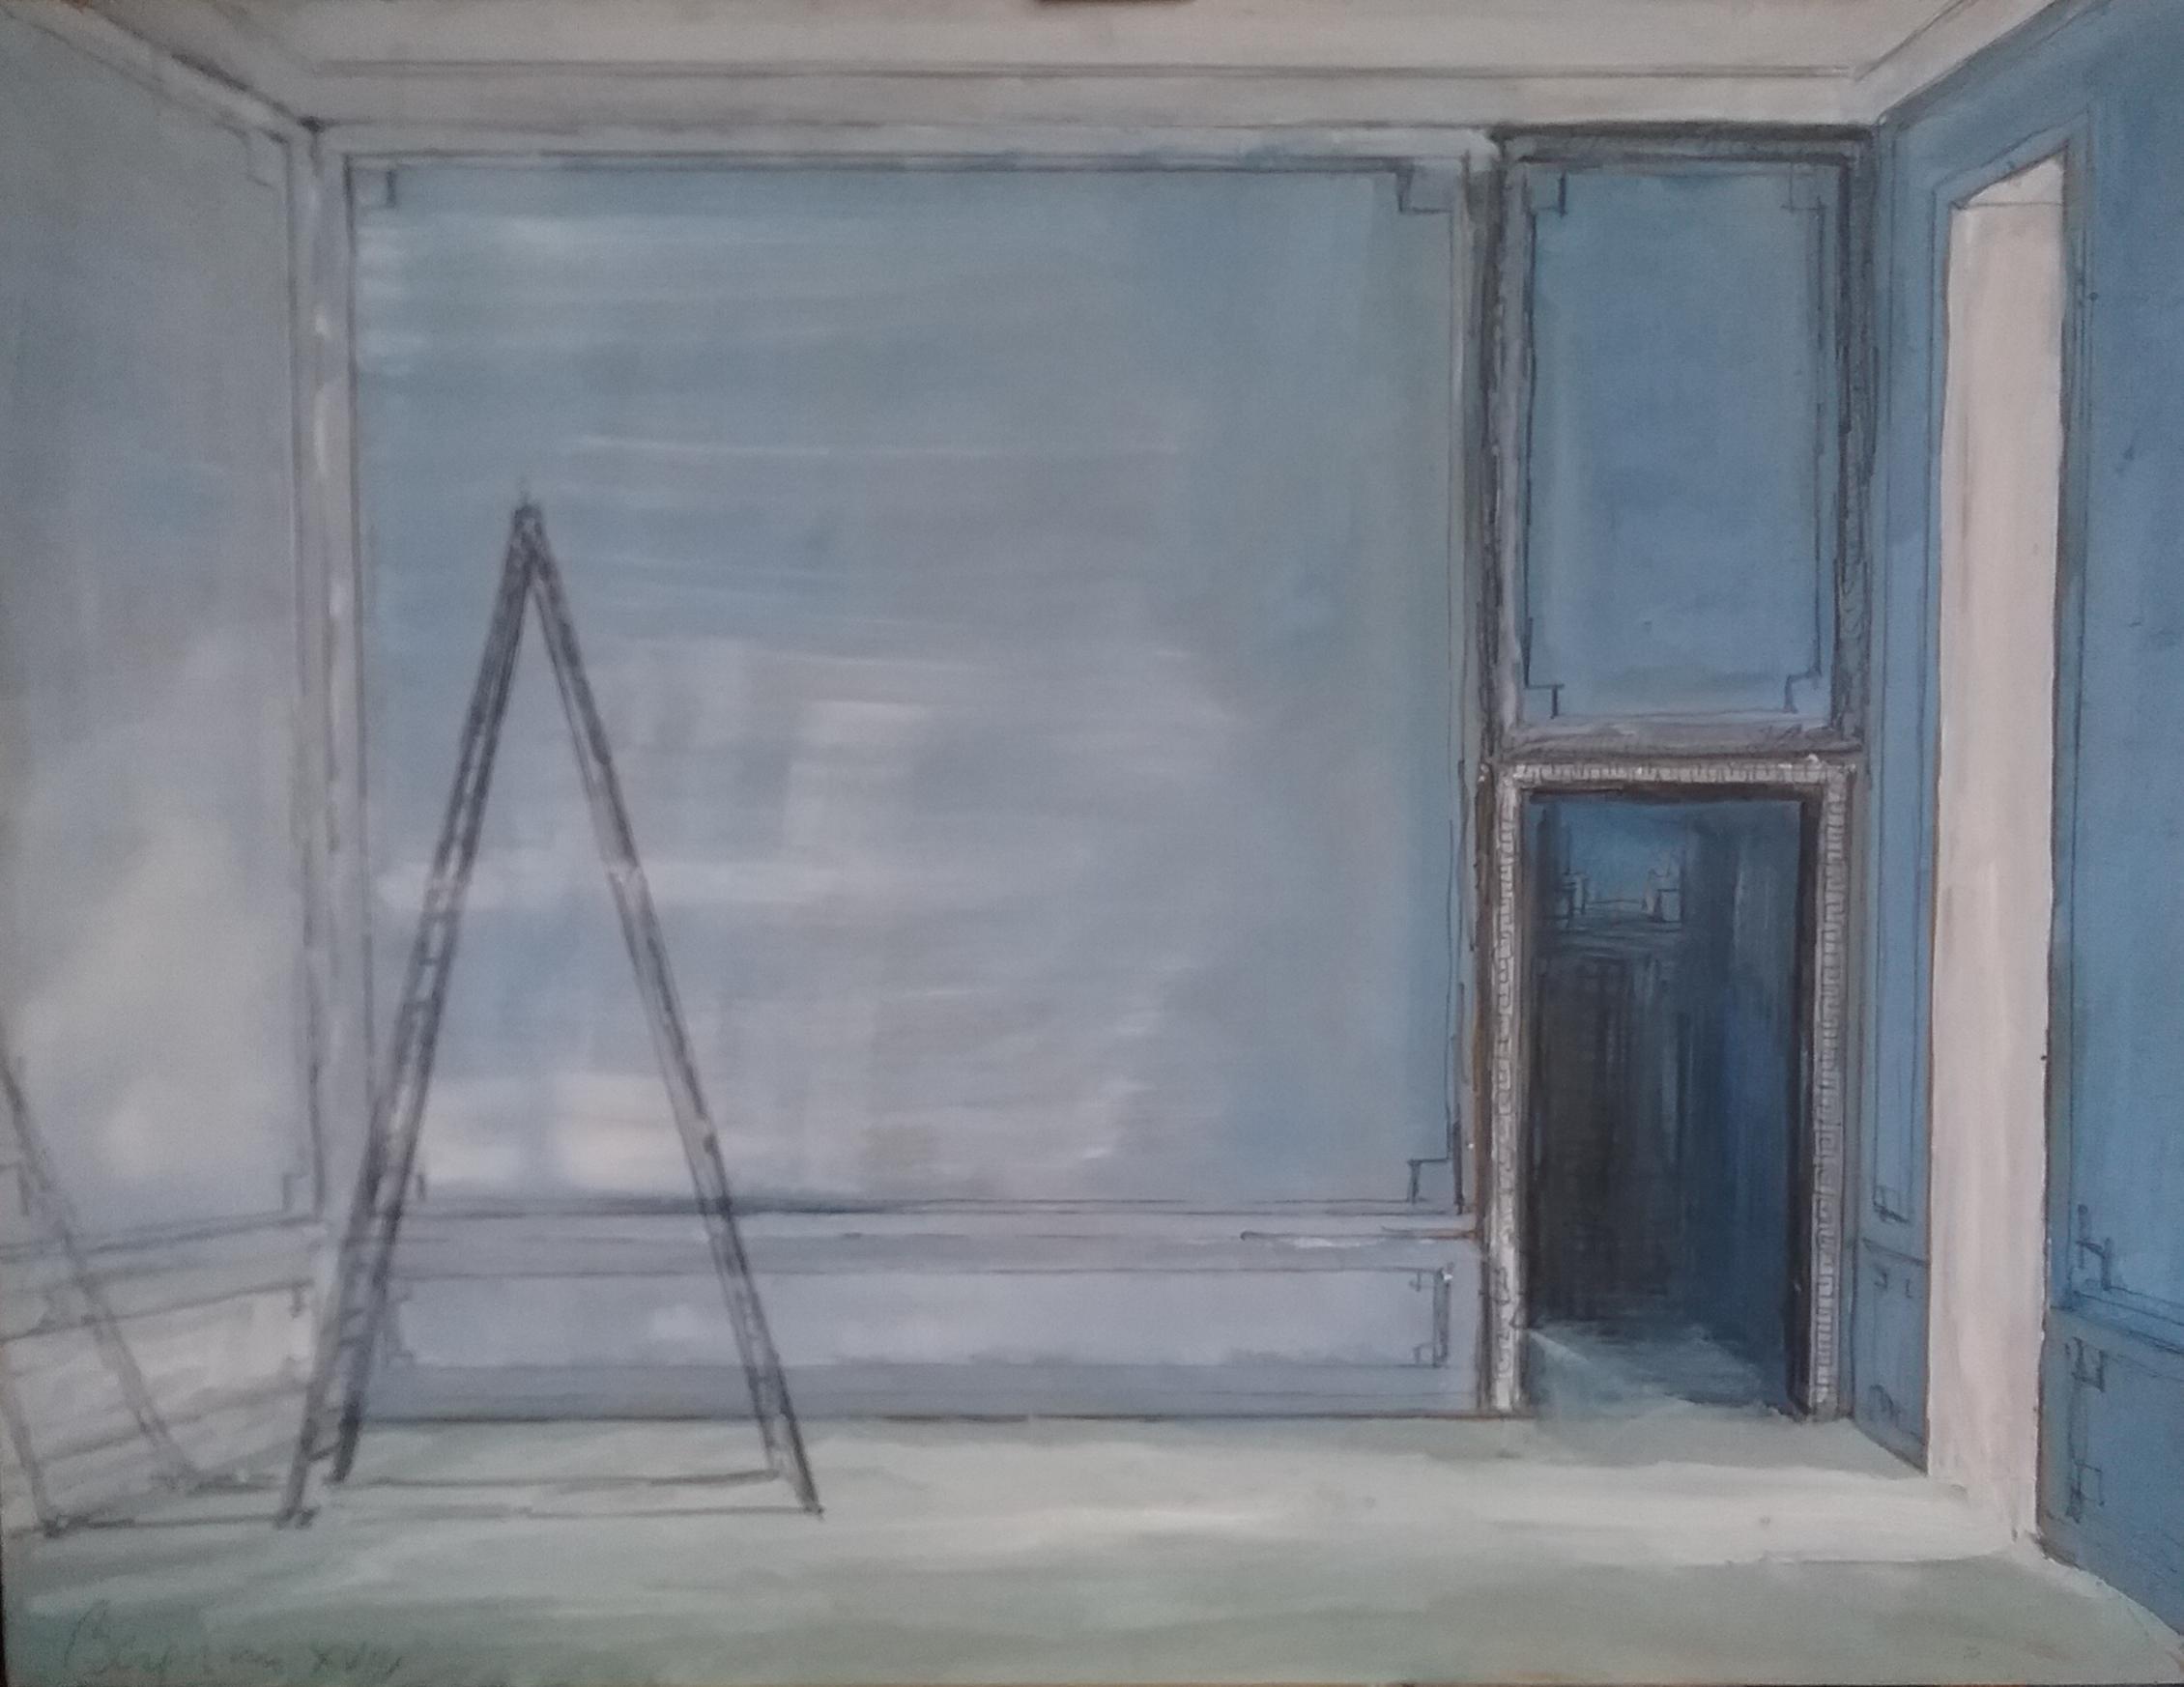 Ladder in Blue Room